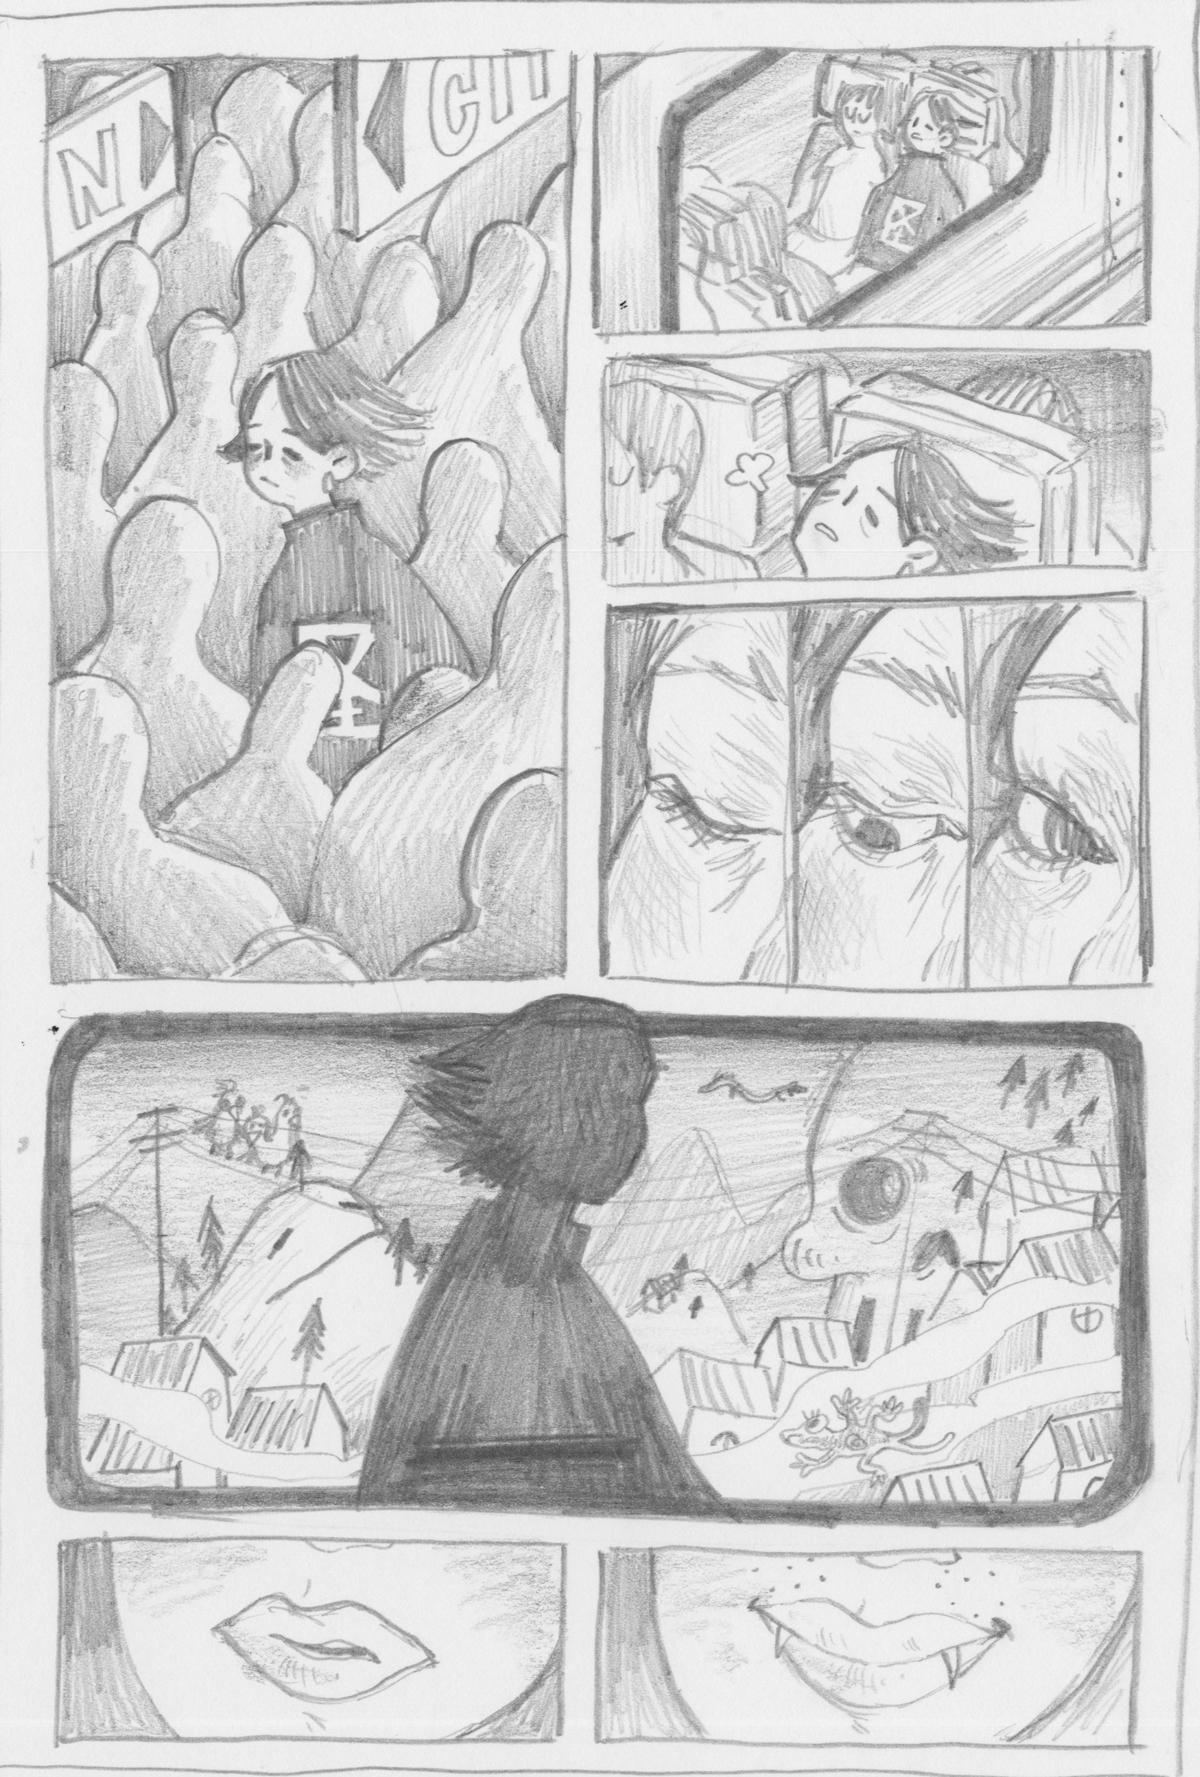 Comic01_draft02.jpg